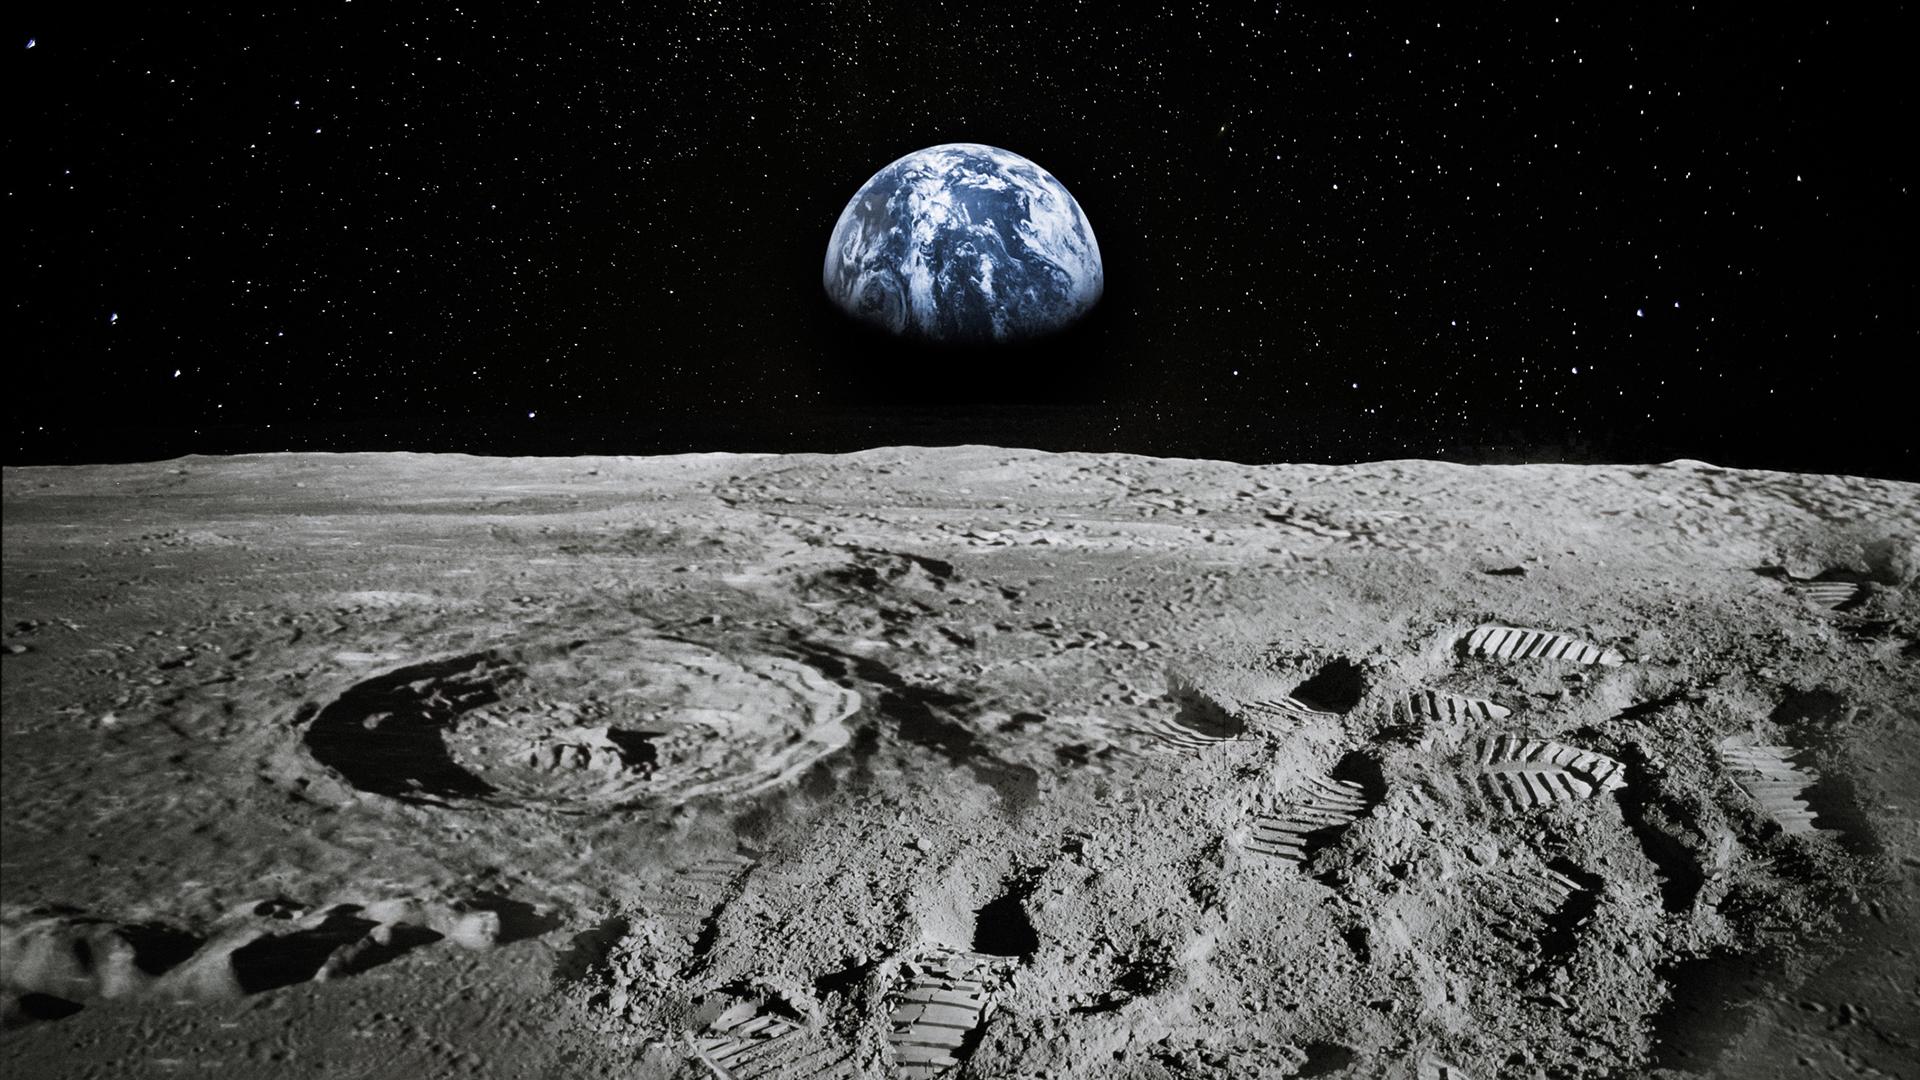 Con người sẽ đào sâu xuống bề mặt của Mặt trăng, khai thác các nguồn tài nguyên quý, năng lượng và khoáng chất, bạch kim và đất hiếm trong tương lai gần. Ảnh: @AP.